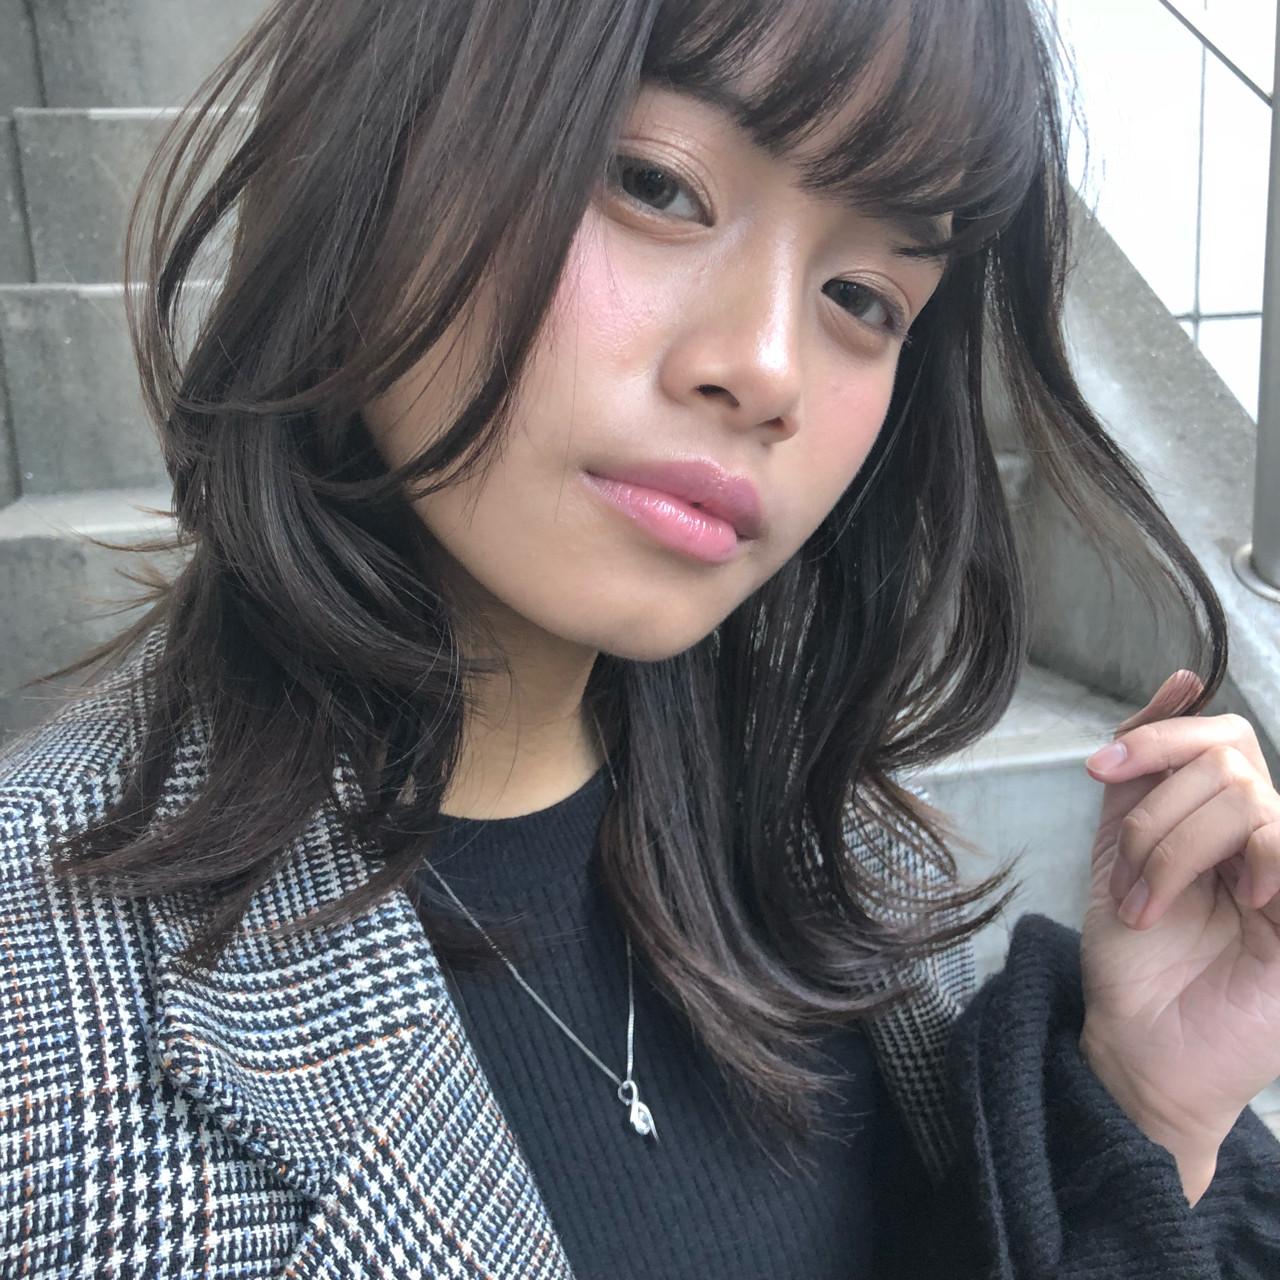 ウェーブ ゆるふわ ナチュラル 簡単 ヘアスタイルや髪型の写真・画像 | 金崎 瑚能美 / TONI&GUY